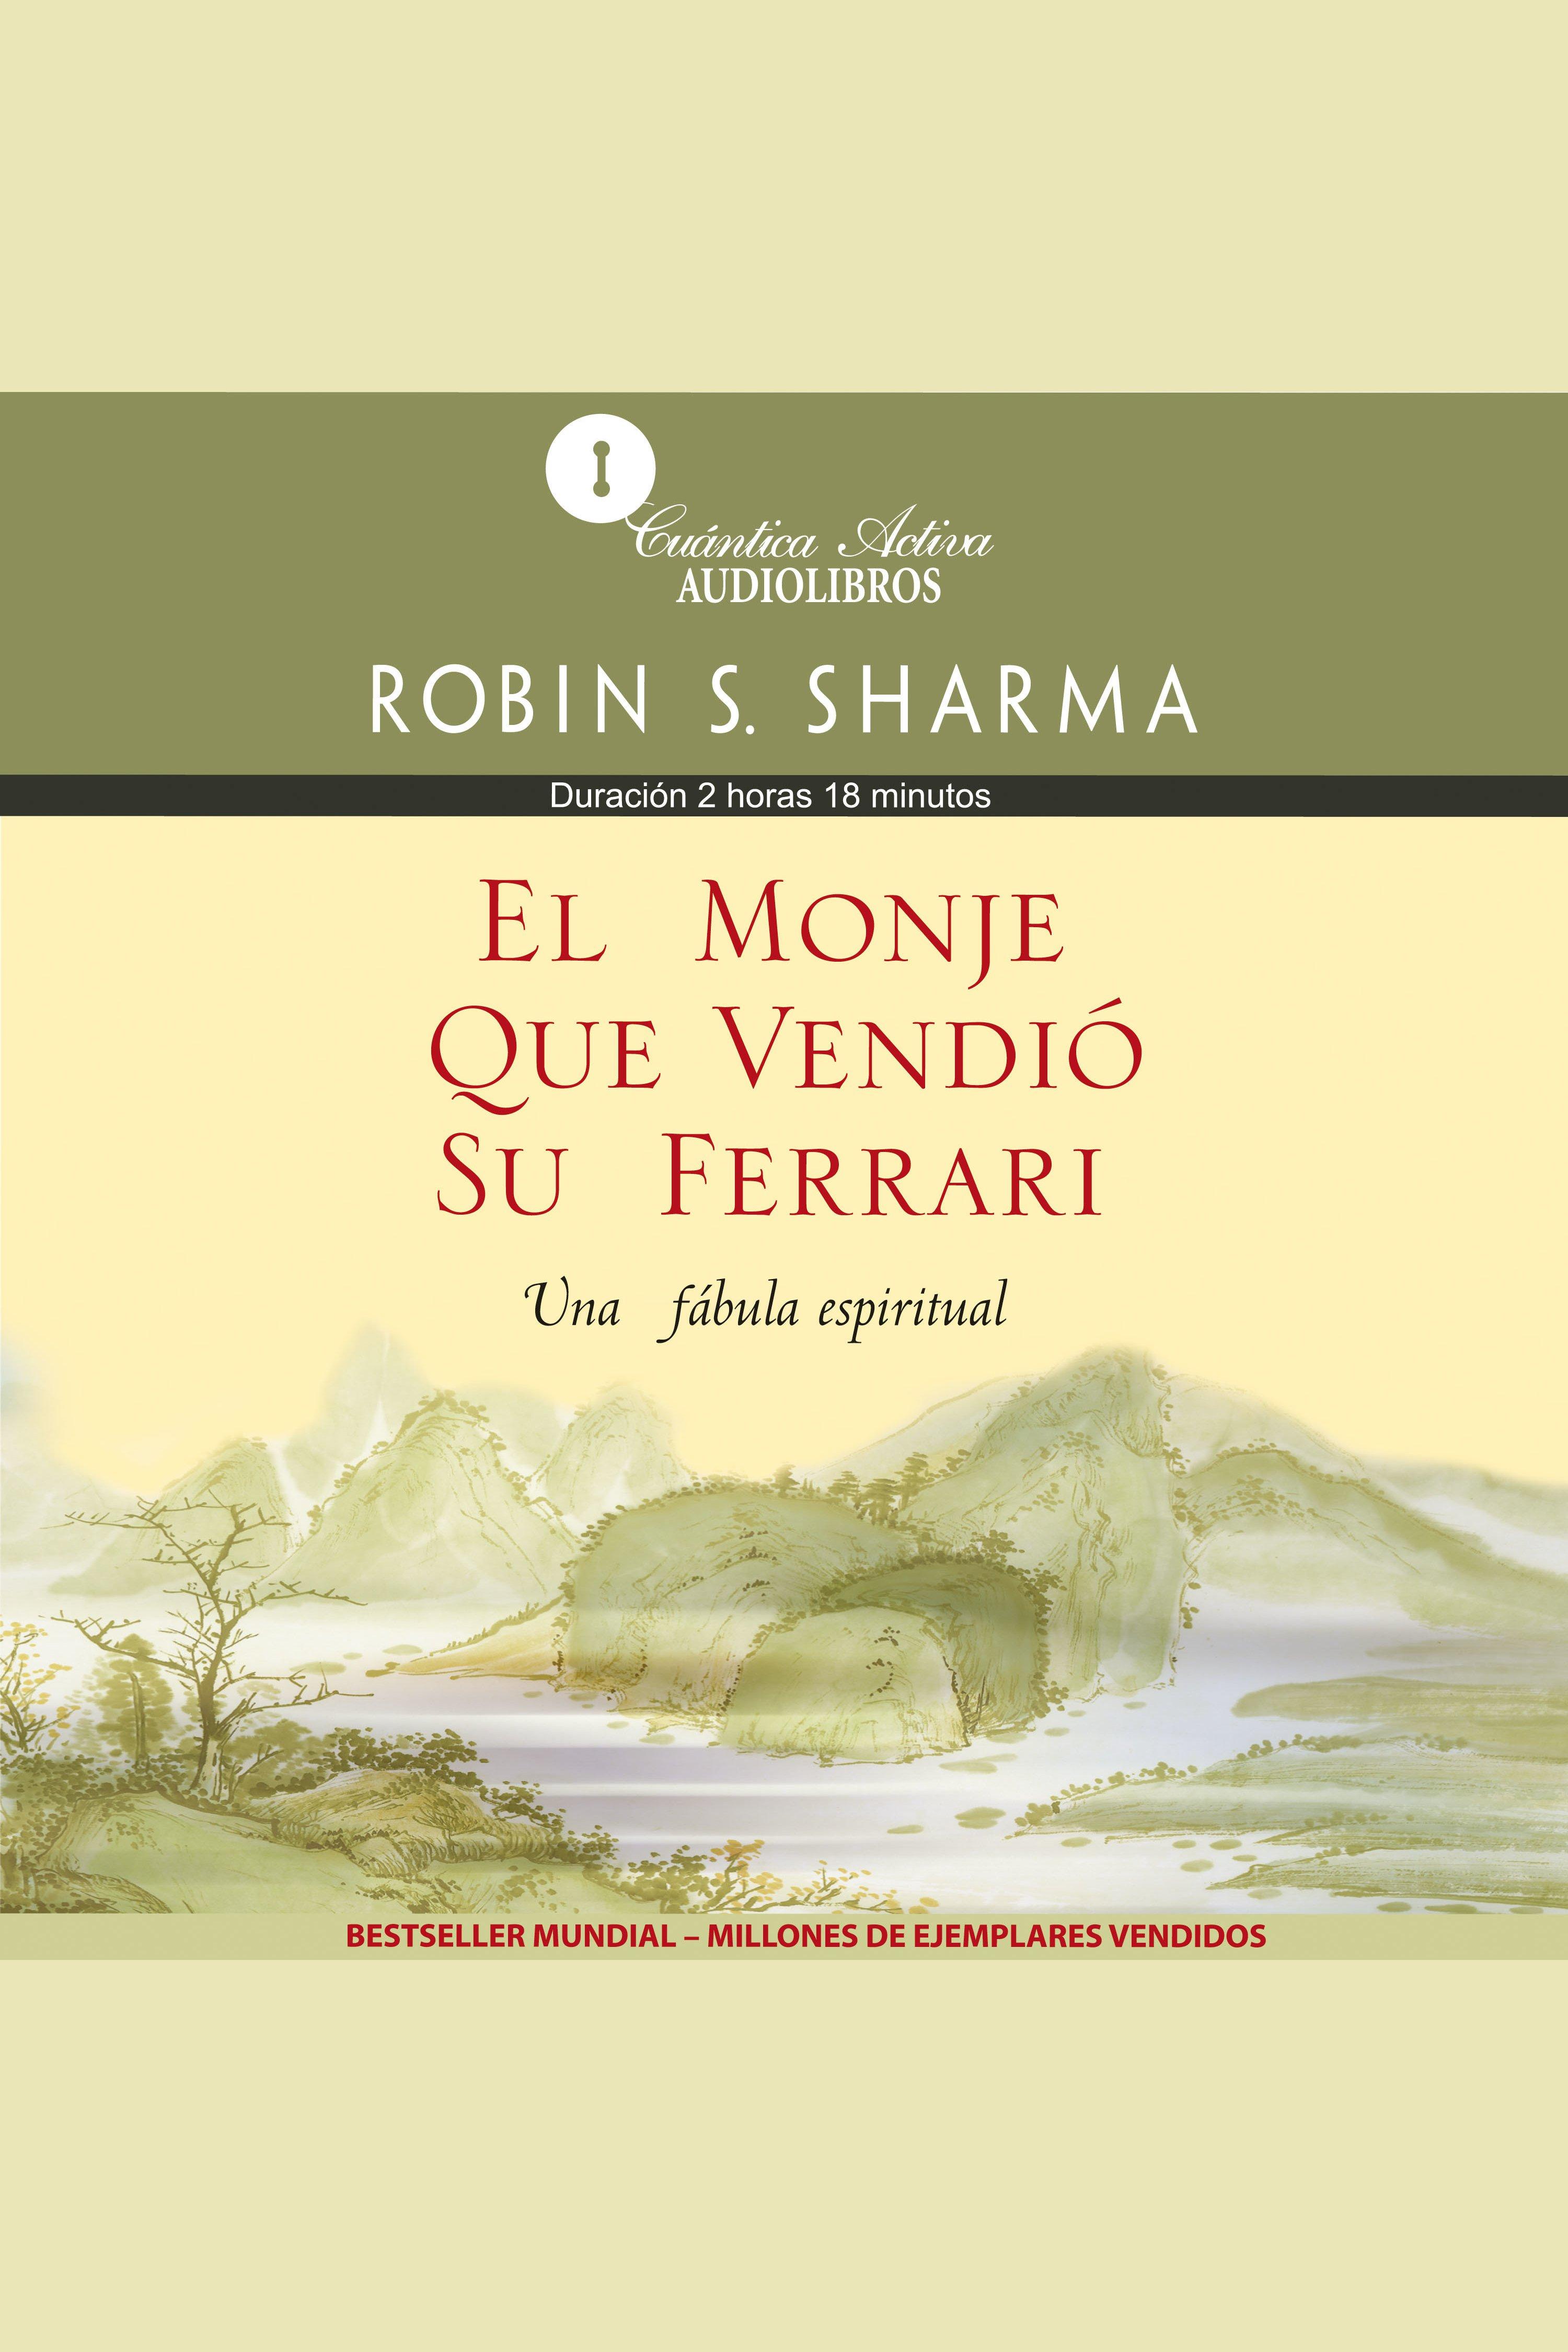 Esta es la portada del audiolibro El Monje que Vendió su Ferrari